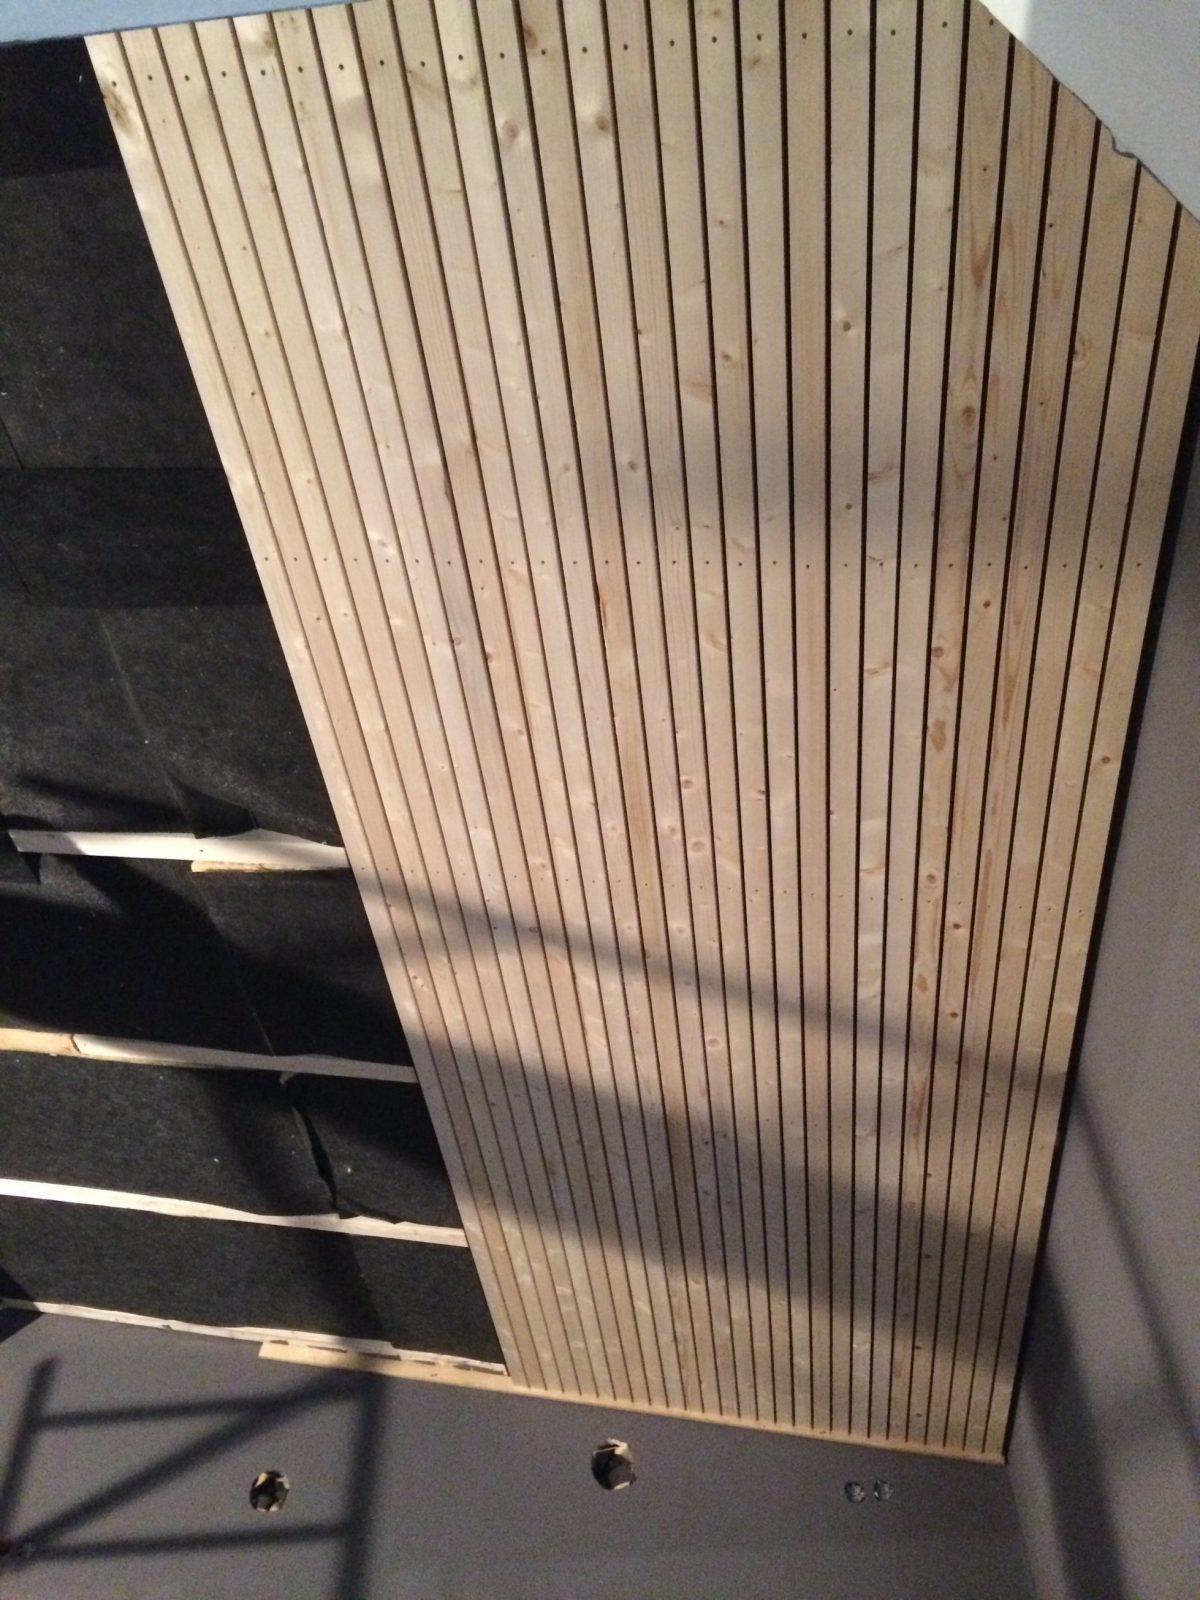 Holz Lackieren Und Lasieren – Mit Und Ohne Abschleifen · Baubeaver von Holzdecke Lackieren Ohne Abschleifen Photo